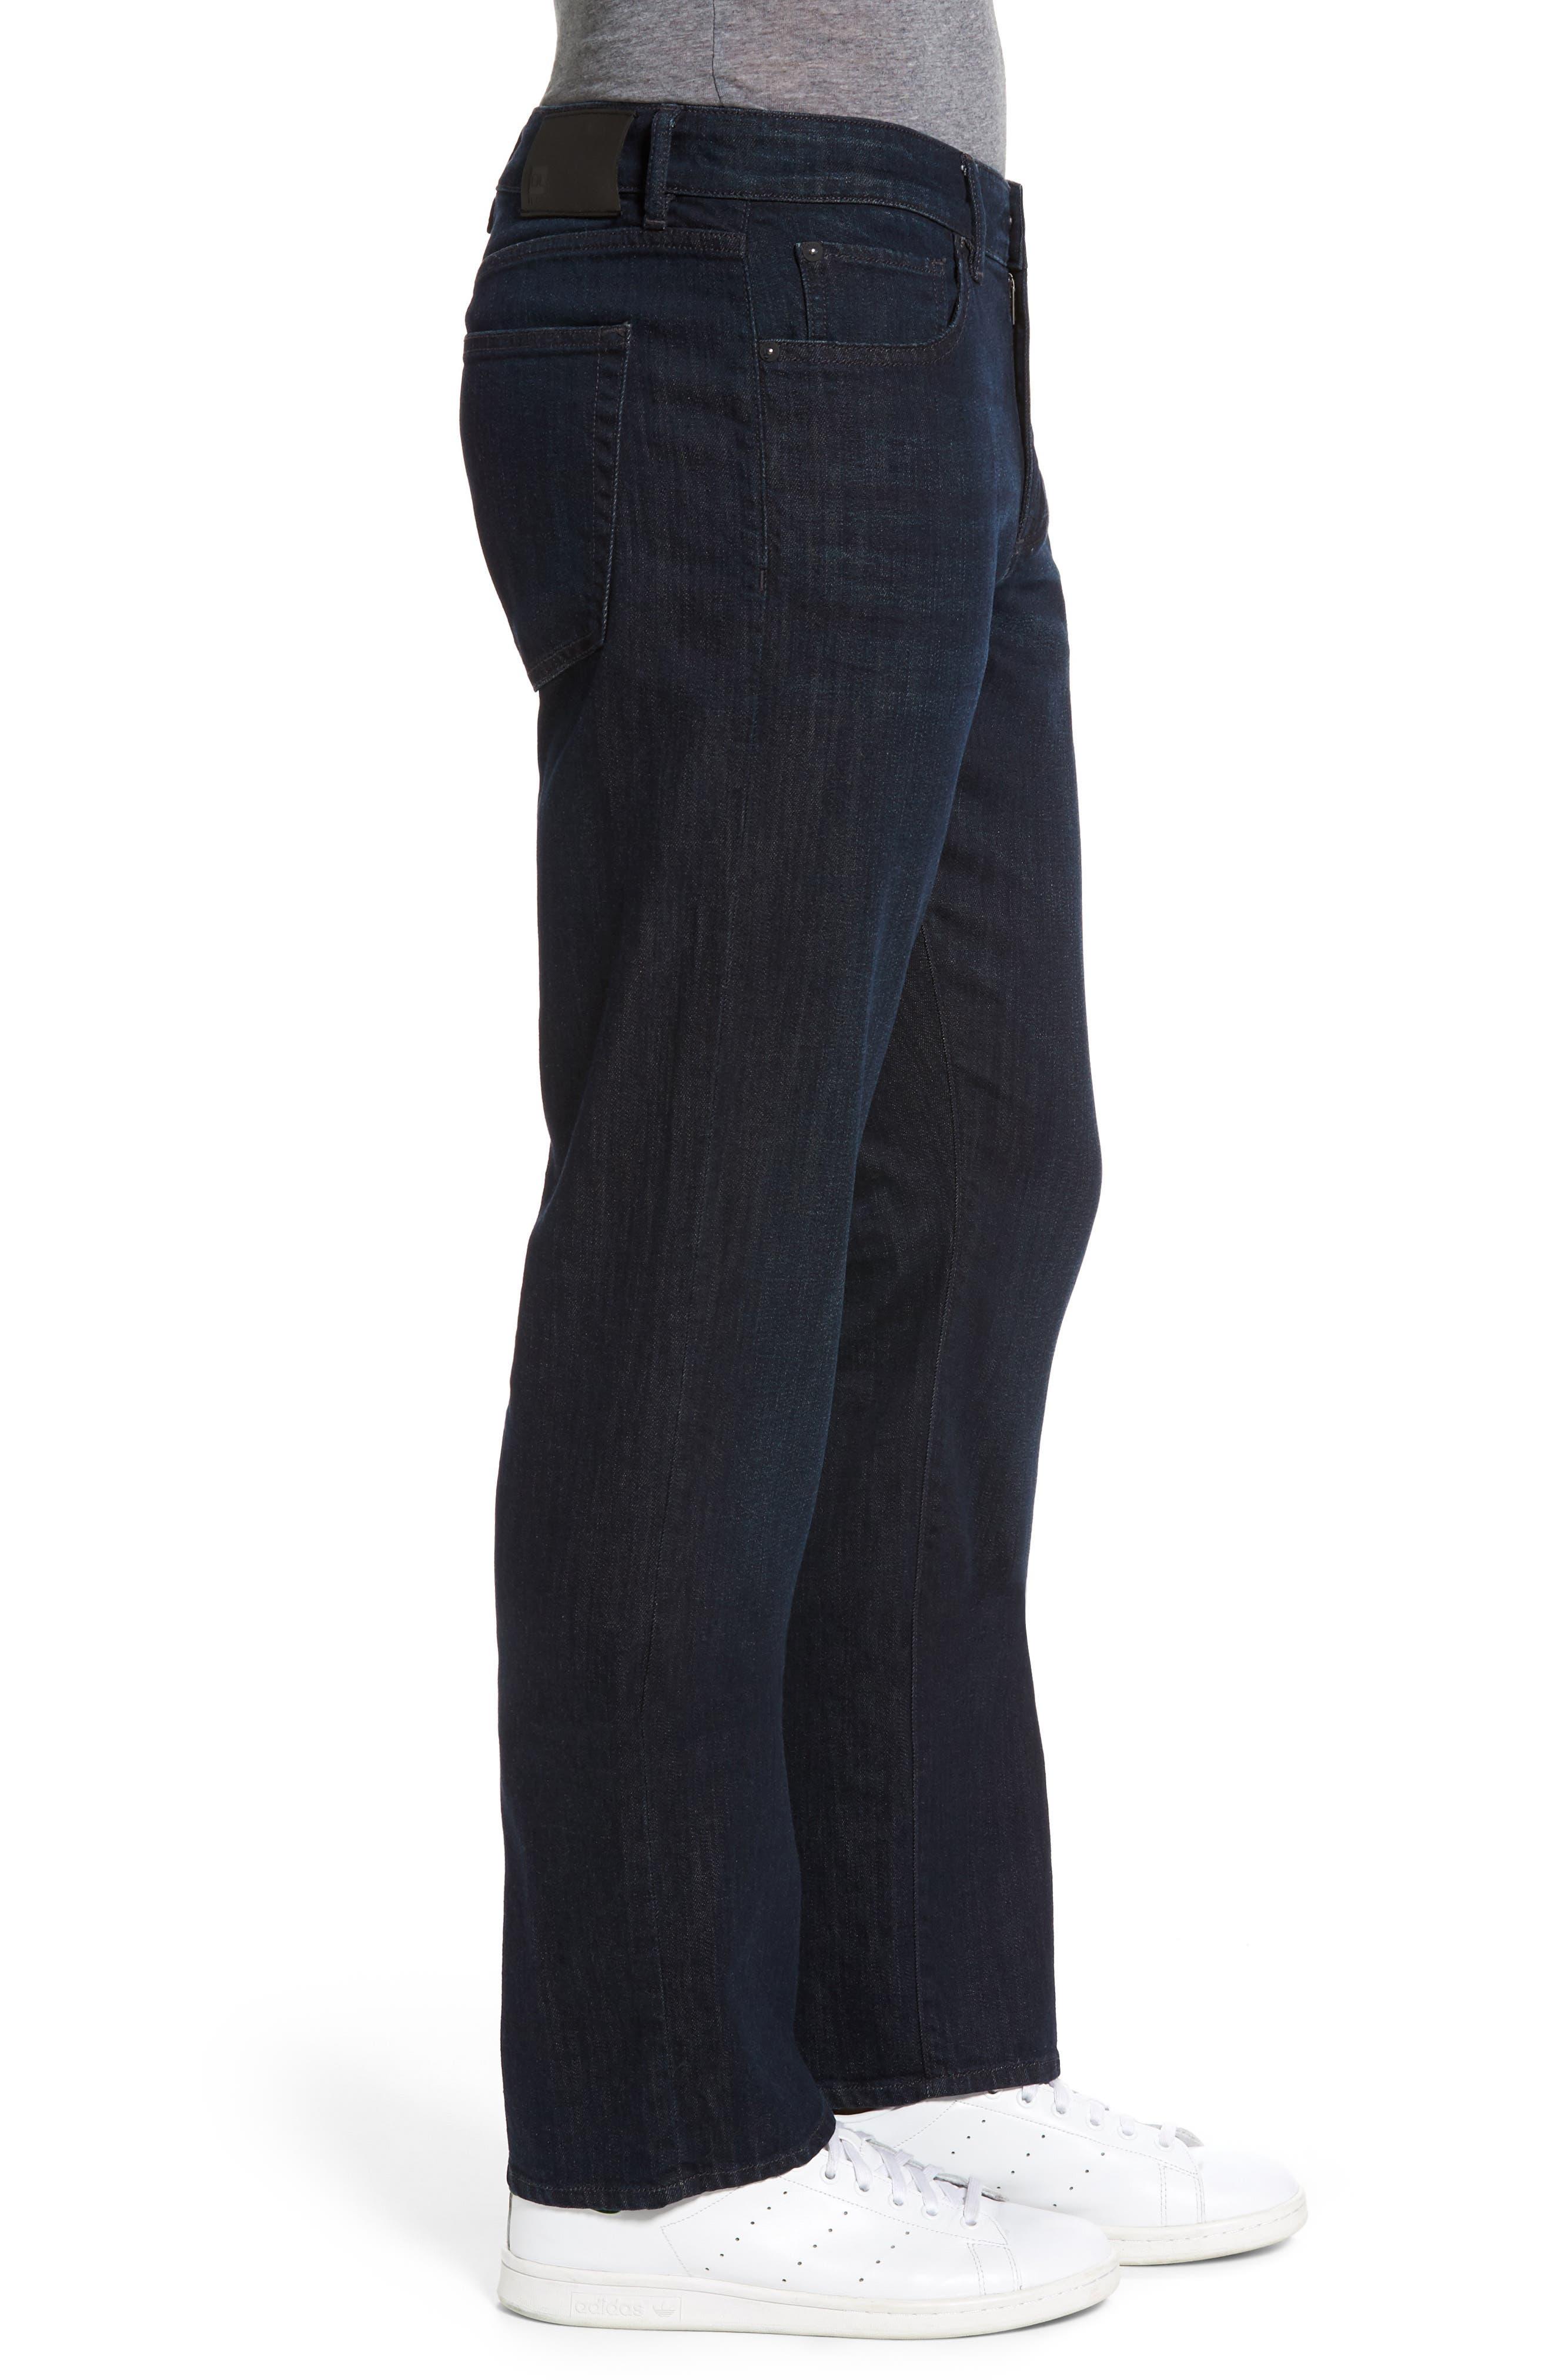 Avery Slim Straight Leg Jeans,                             Alternate thumbnail 3, color,                             426